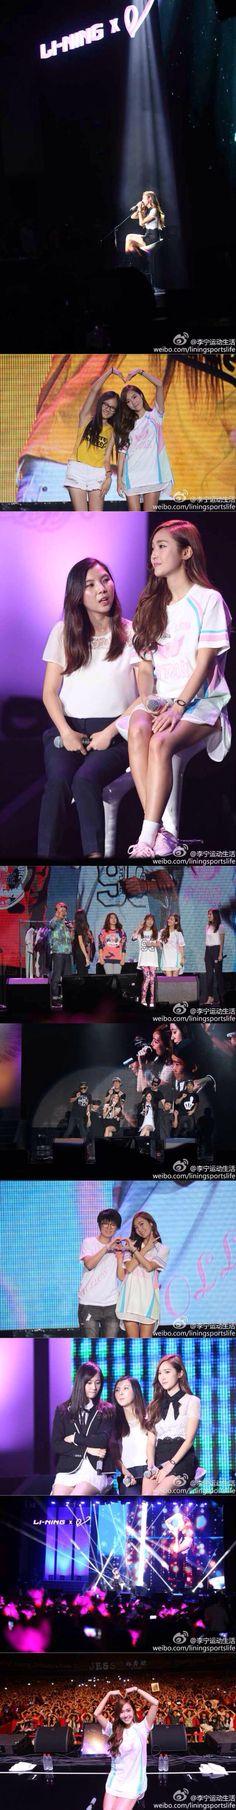 SNSD Jessica in Guangzhou China Lining Fan meeting 06092014